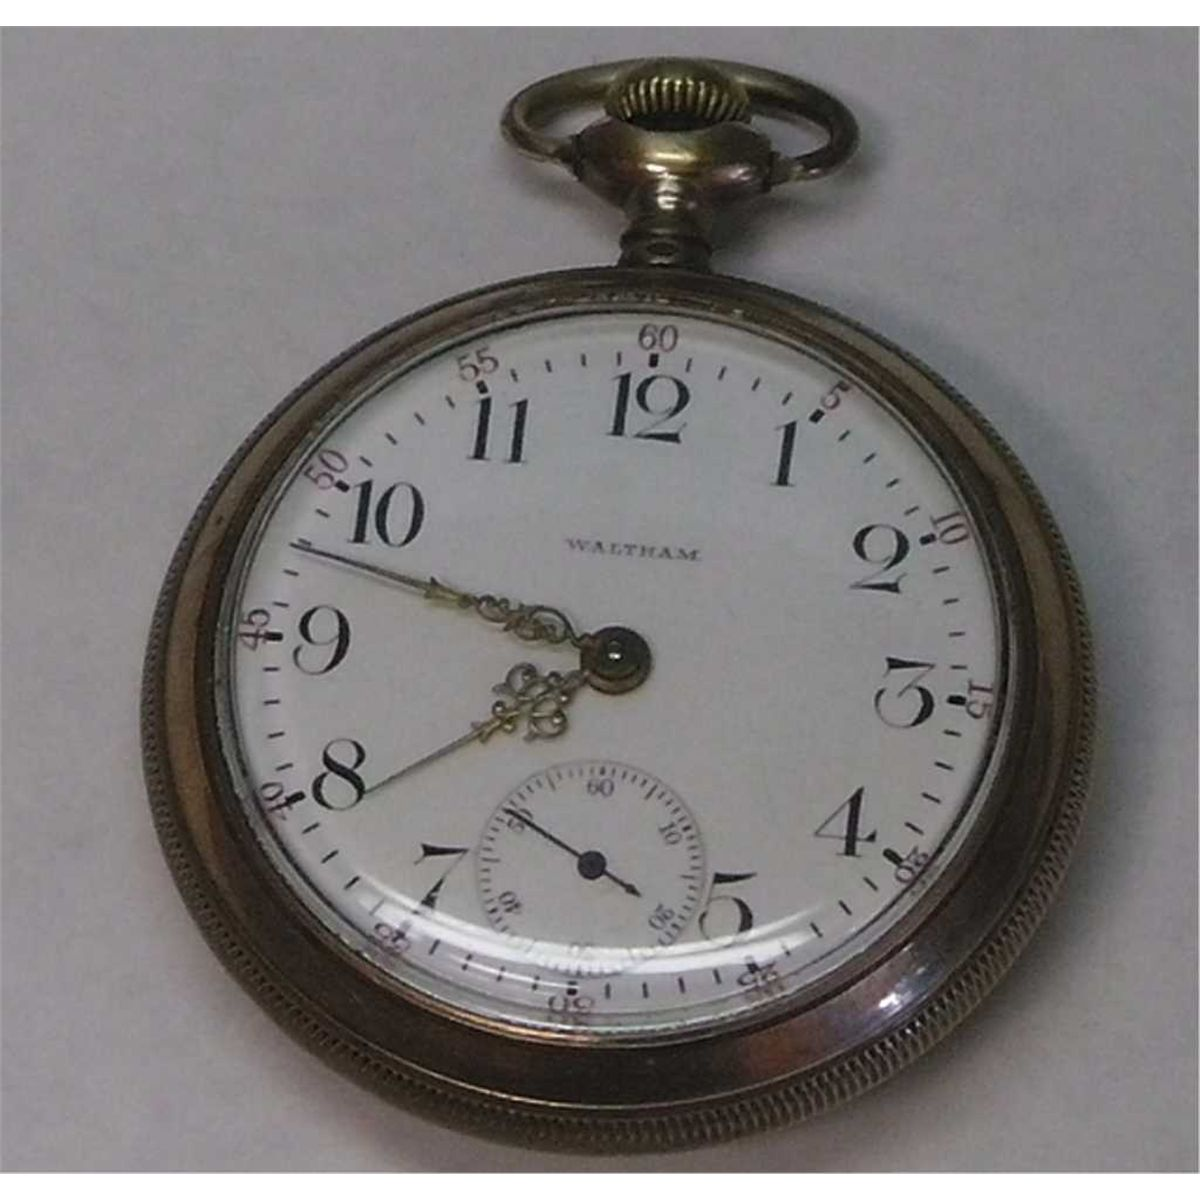 waltham pocket watch serial